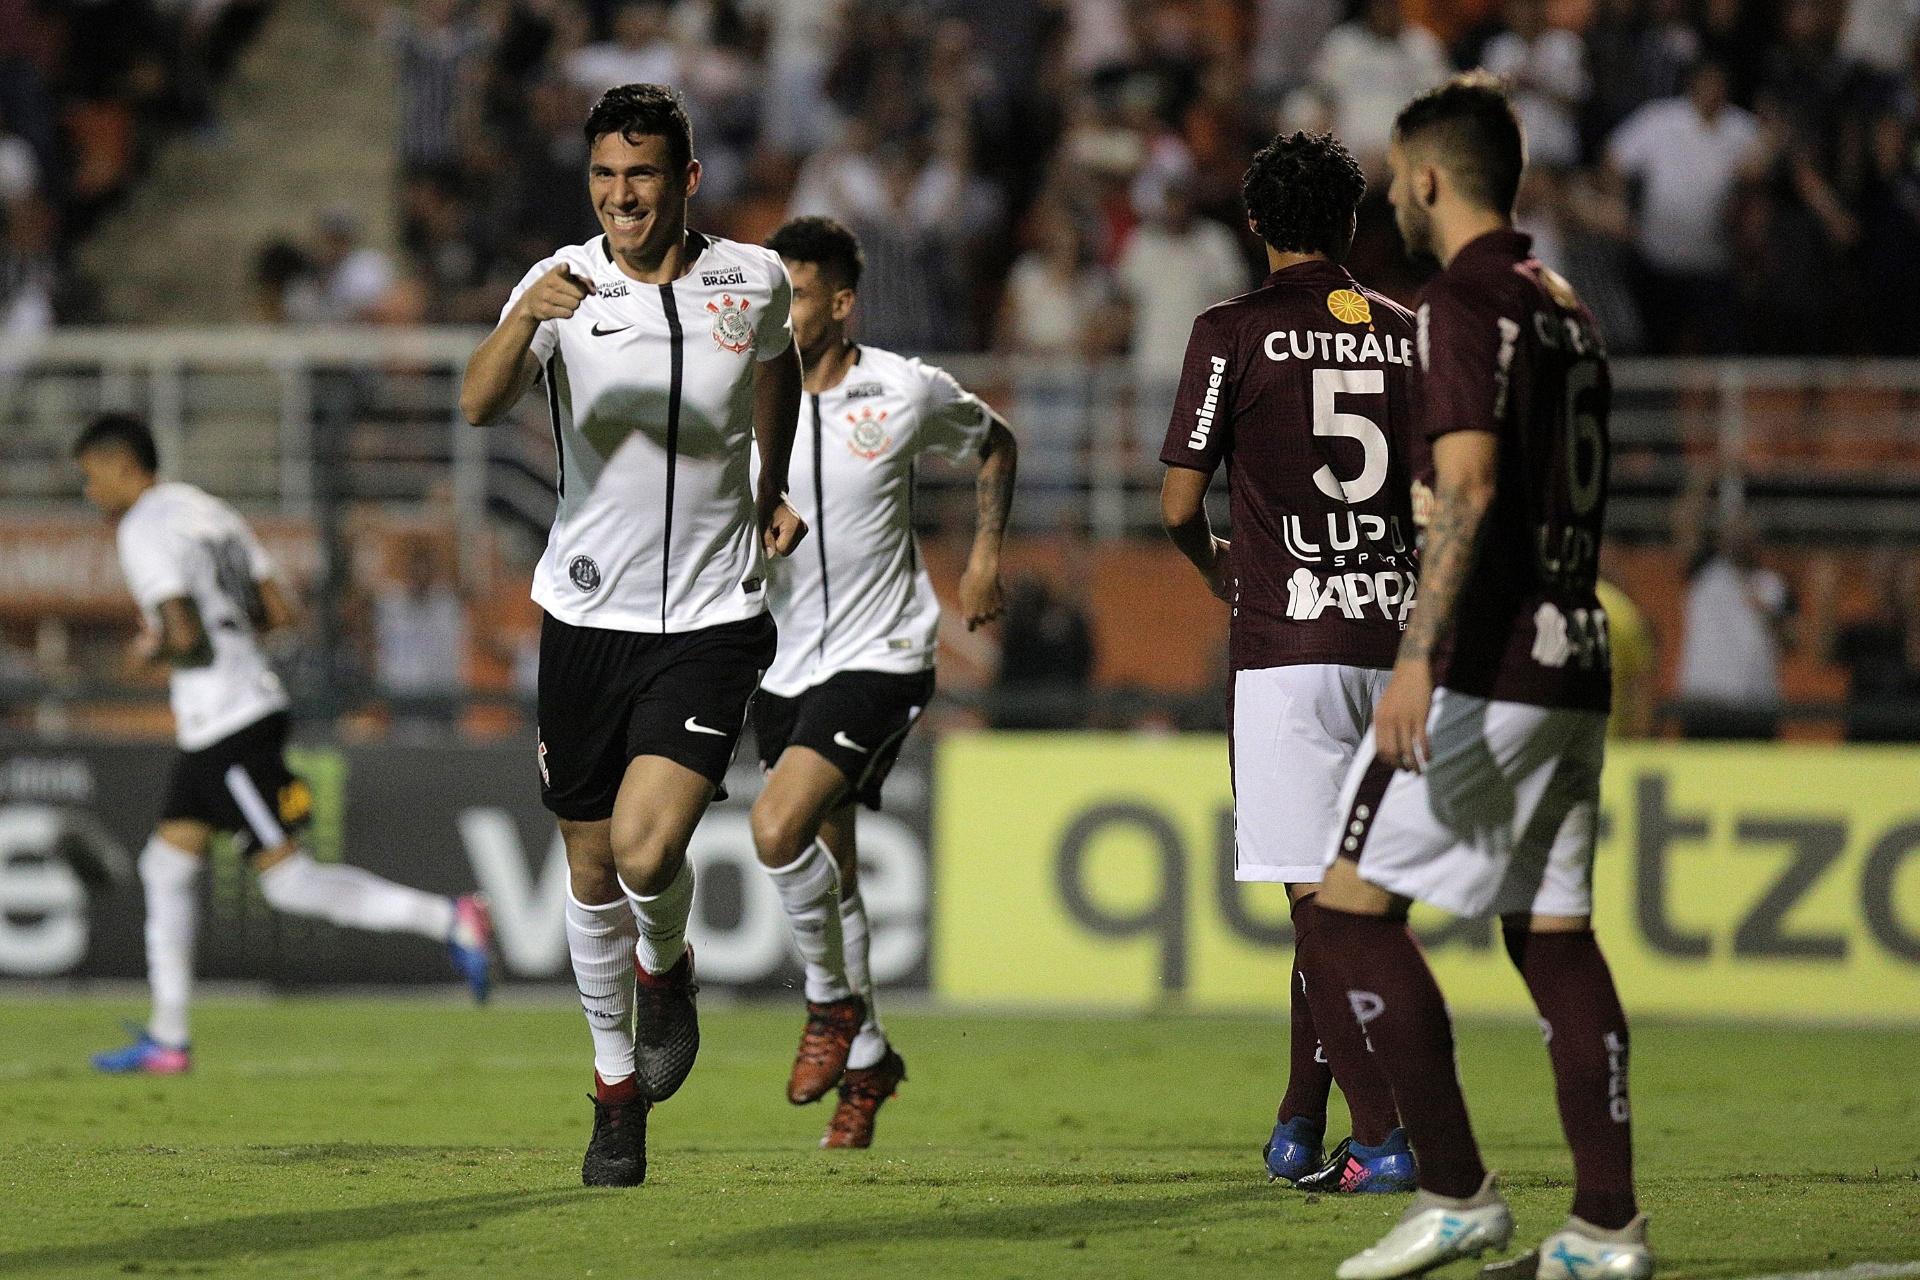 Corinthians vira sobre a Ferroviária e vence a 2ª seguida antes de clássico  - 24 01 2018 - UOL Esporte 73ac4ca513